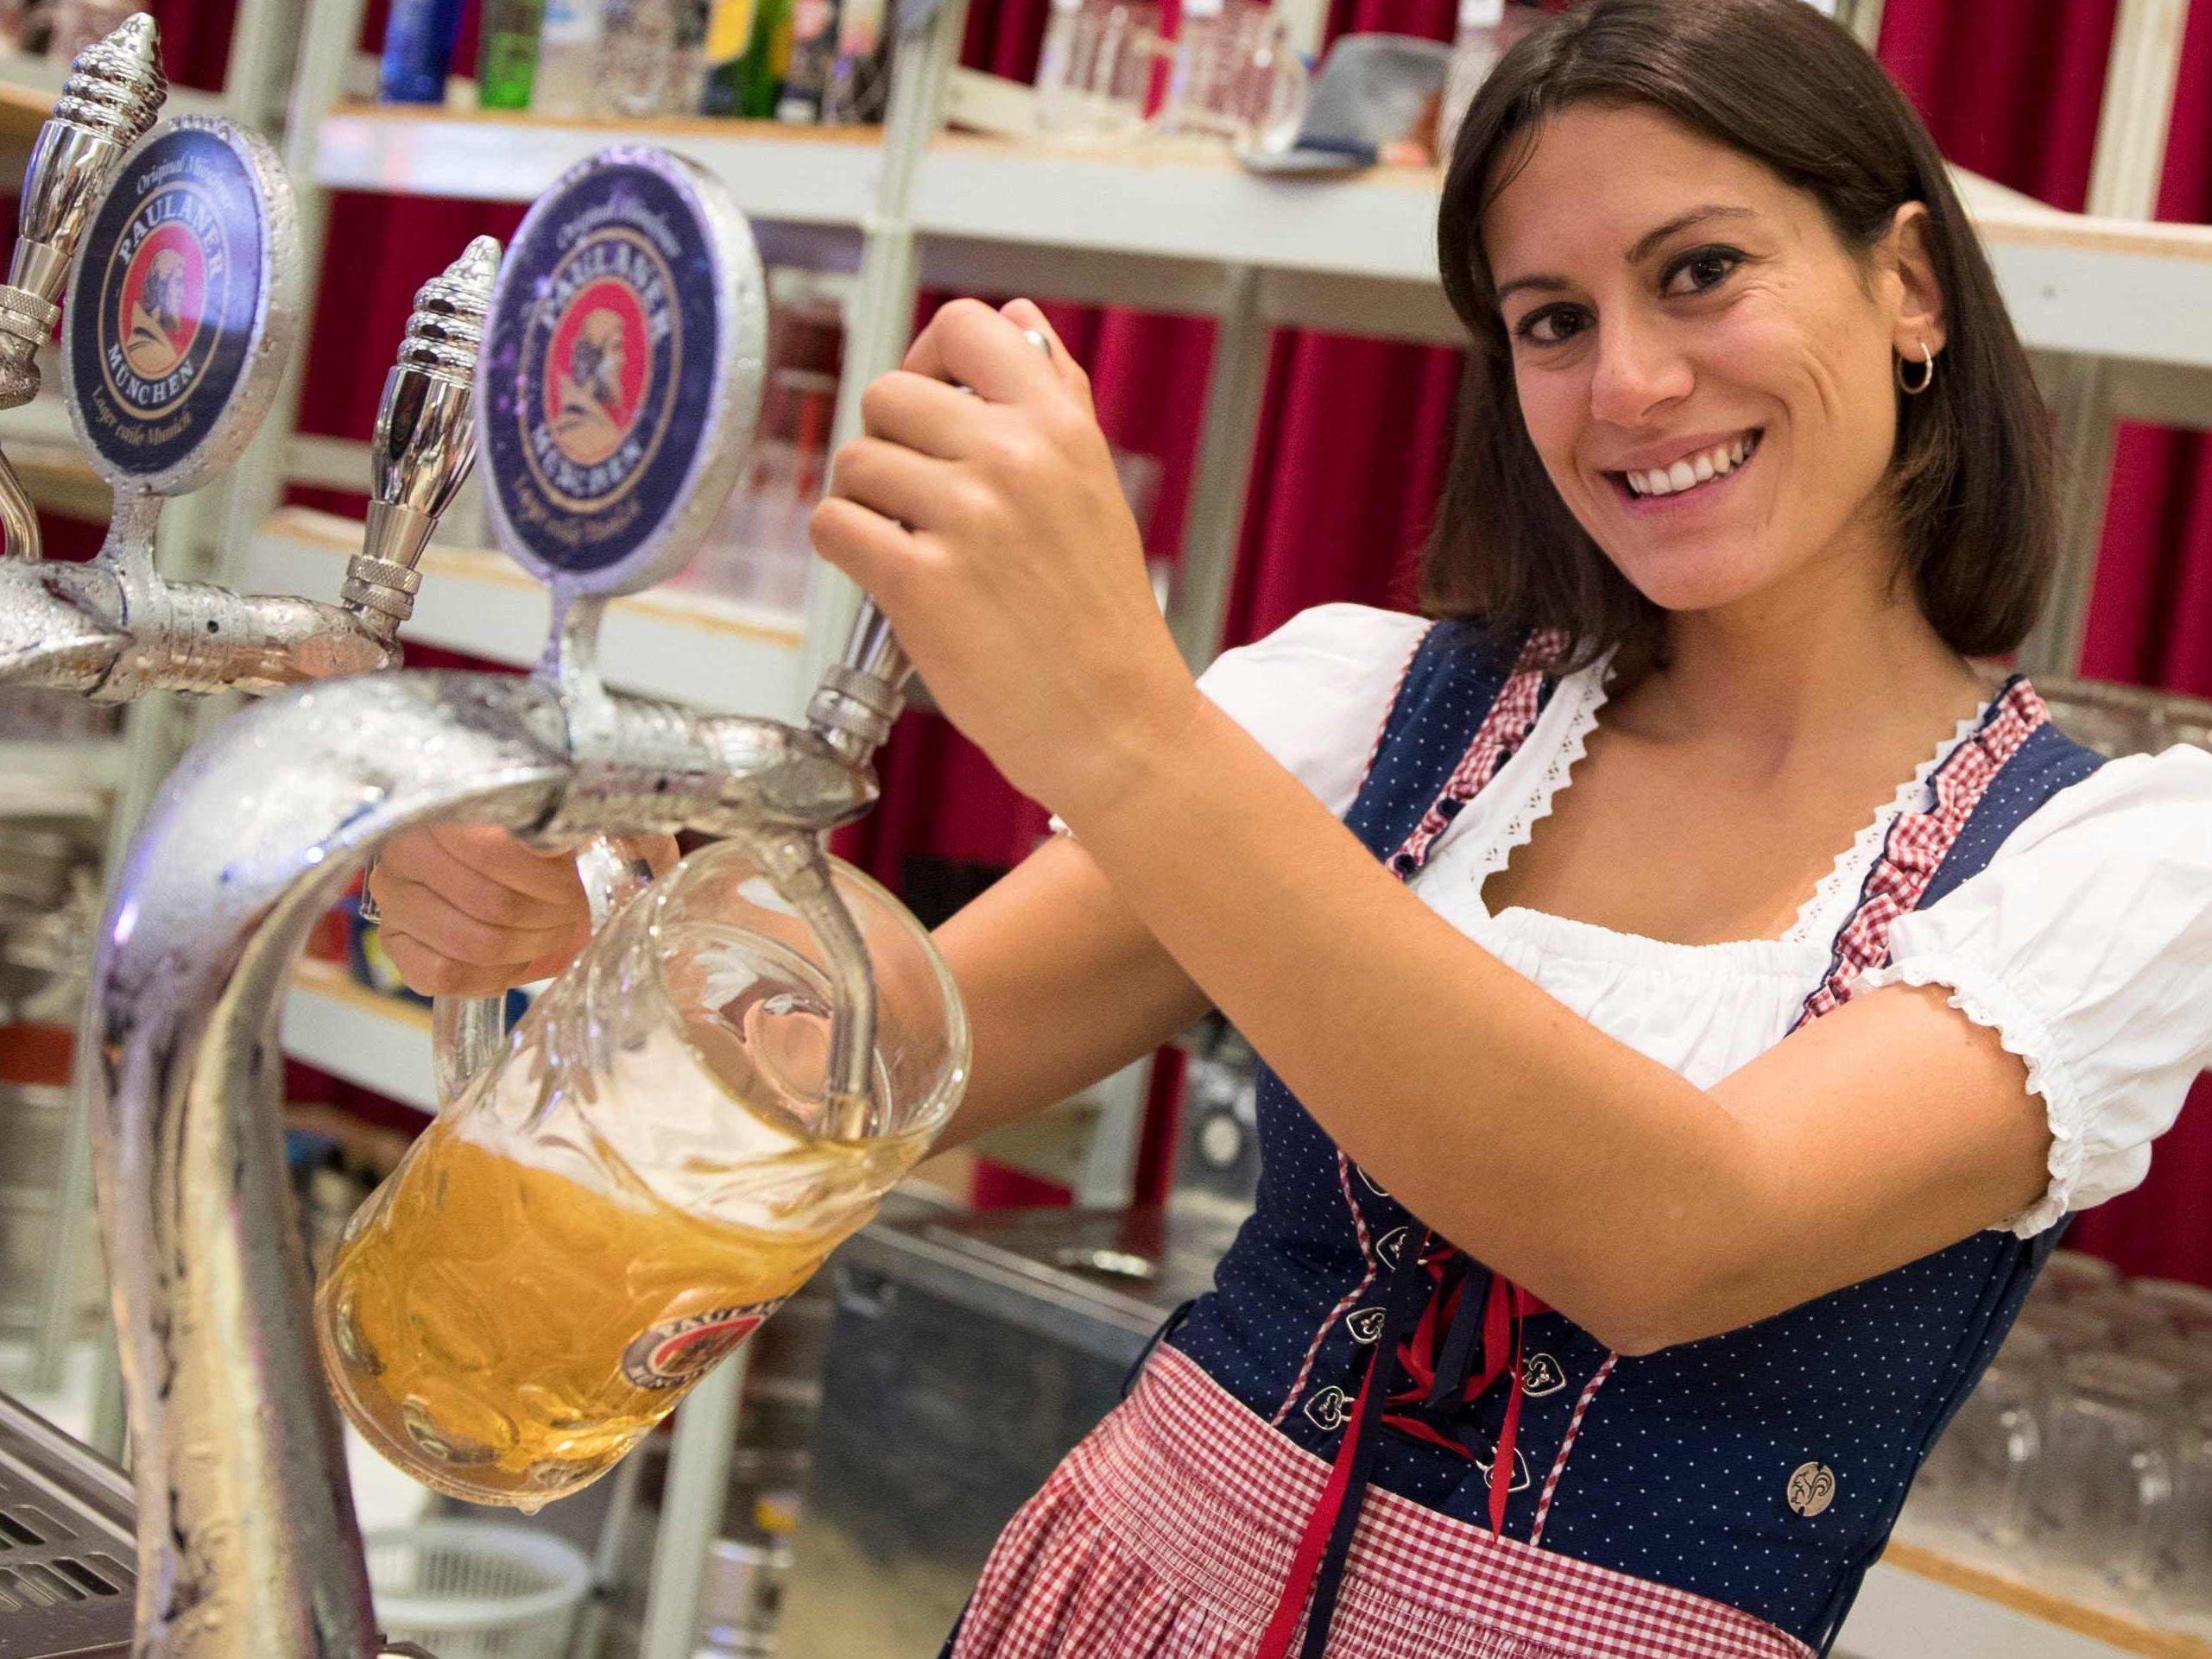 carolinavolksfolks.com | Nachrichten aus Vorarlberg, sterreich und der Welt